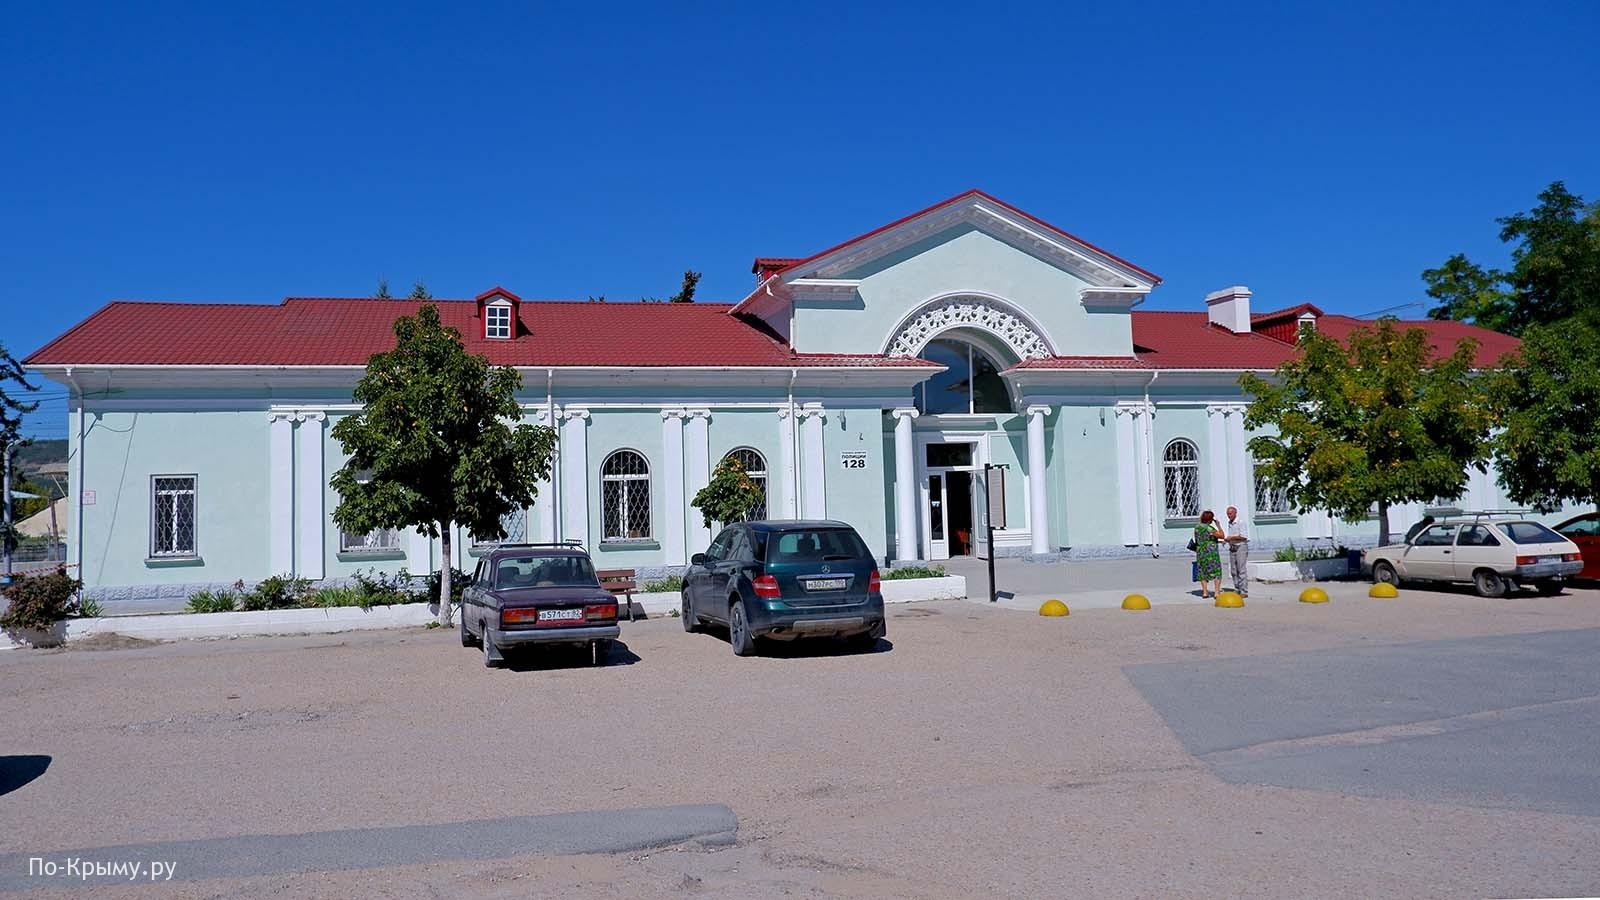 Железнодорожный вокзал Бахчисарая